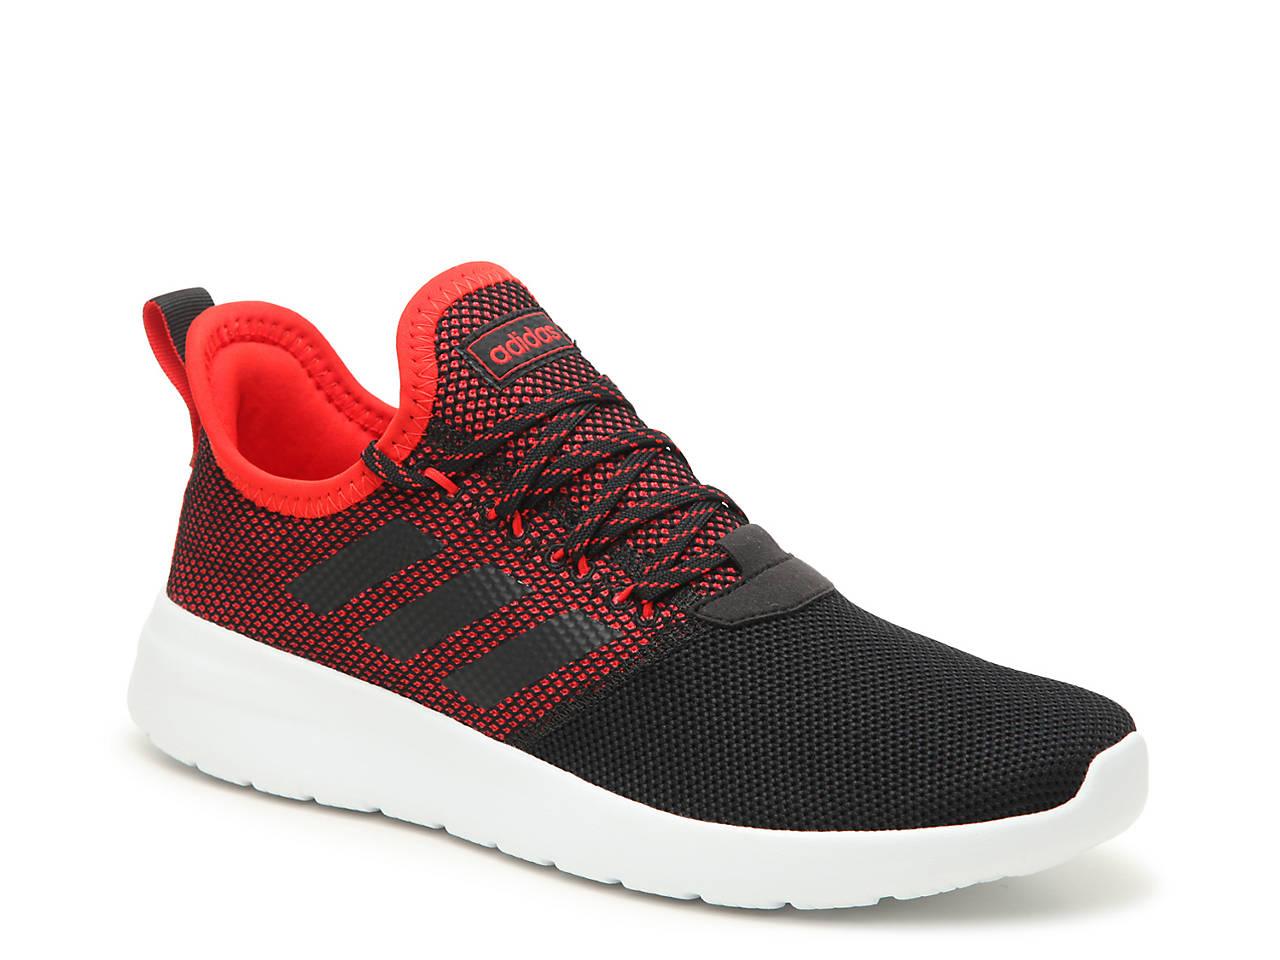 b5f937415e4ed Lite Racer RBN Sneaker - Men's